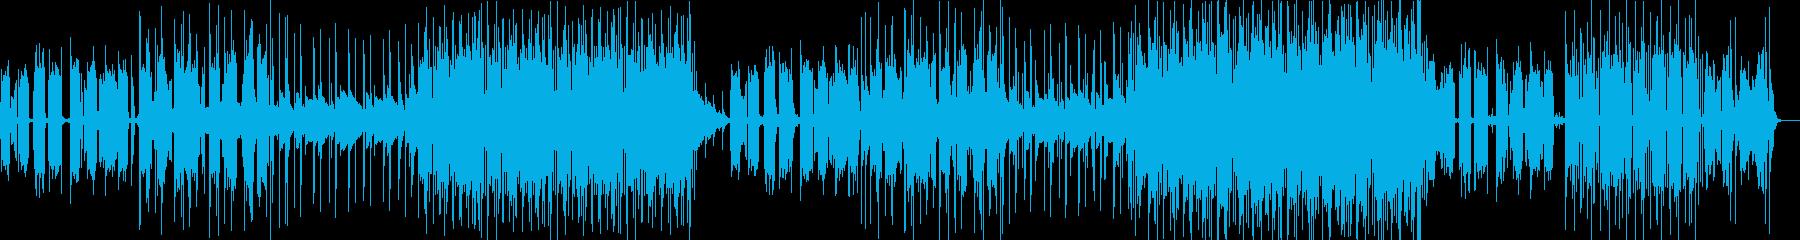 ギターピアノメインのクールなHiphopの再生済みの波形